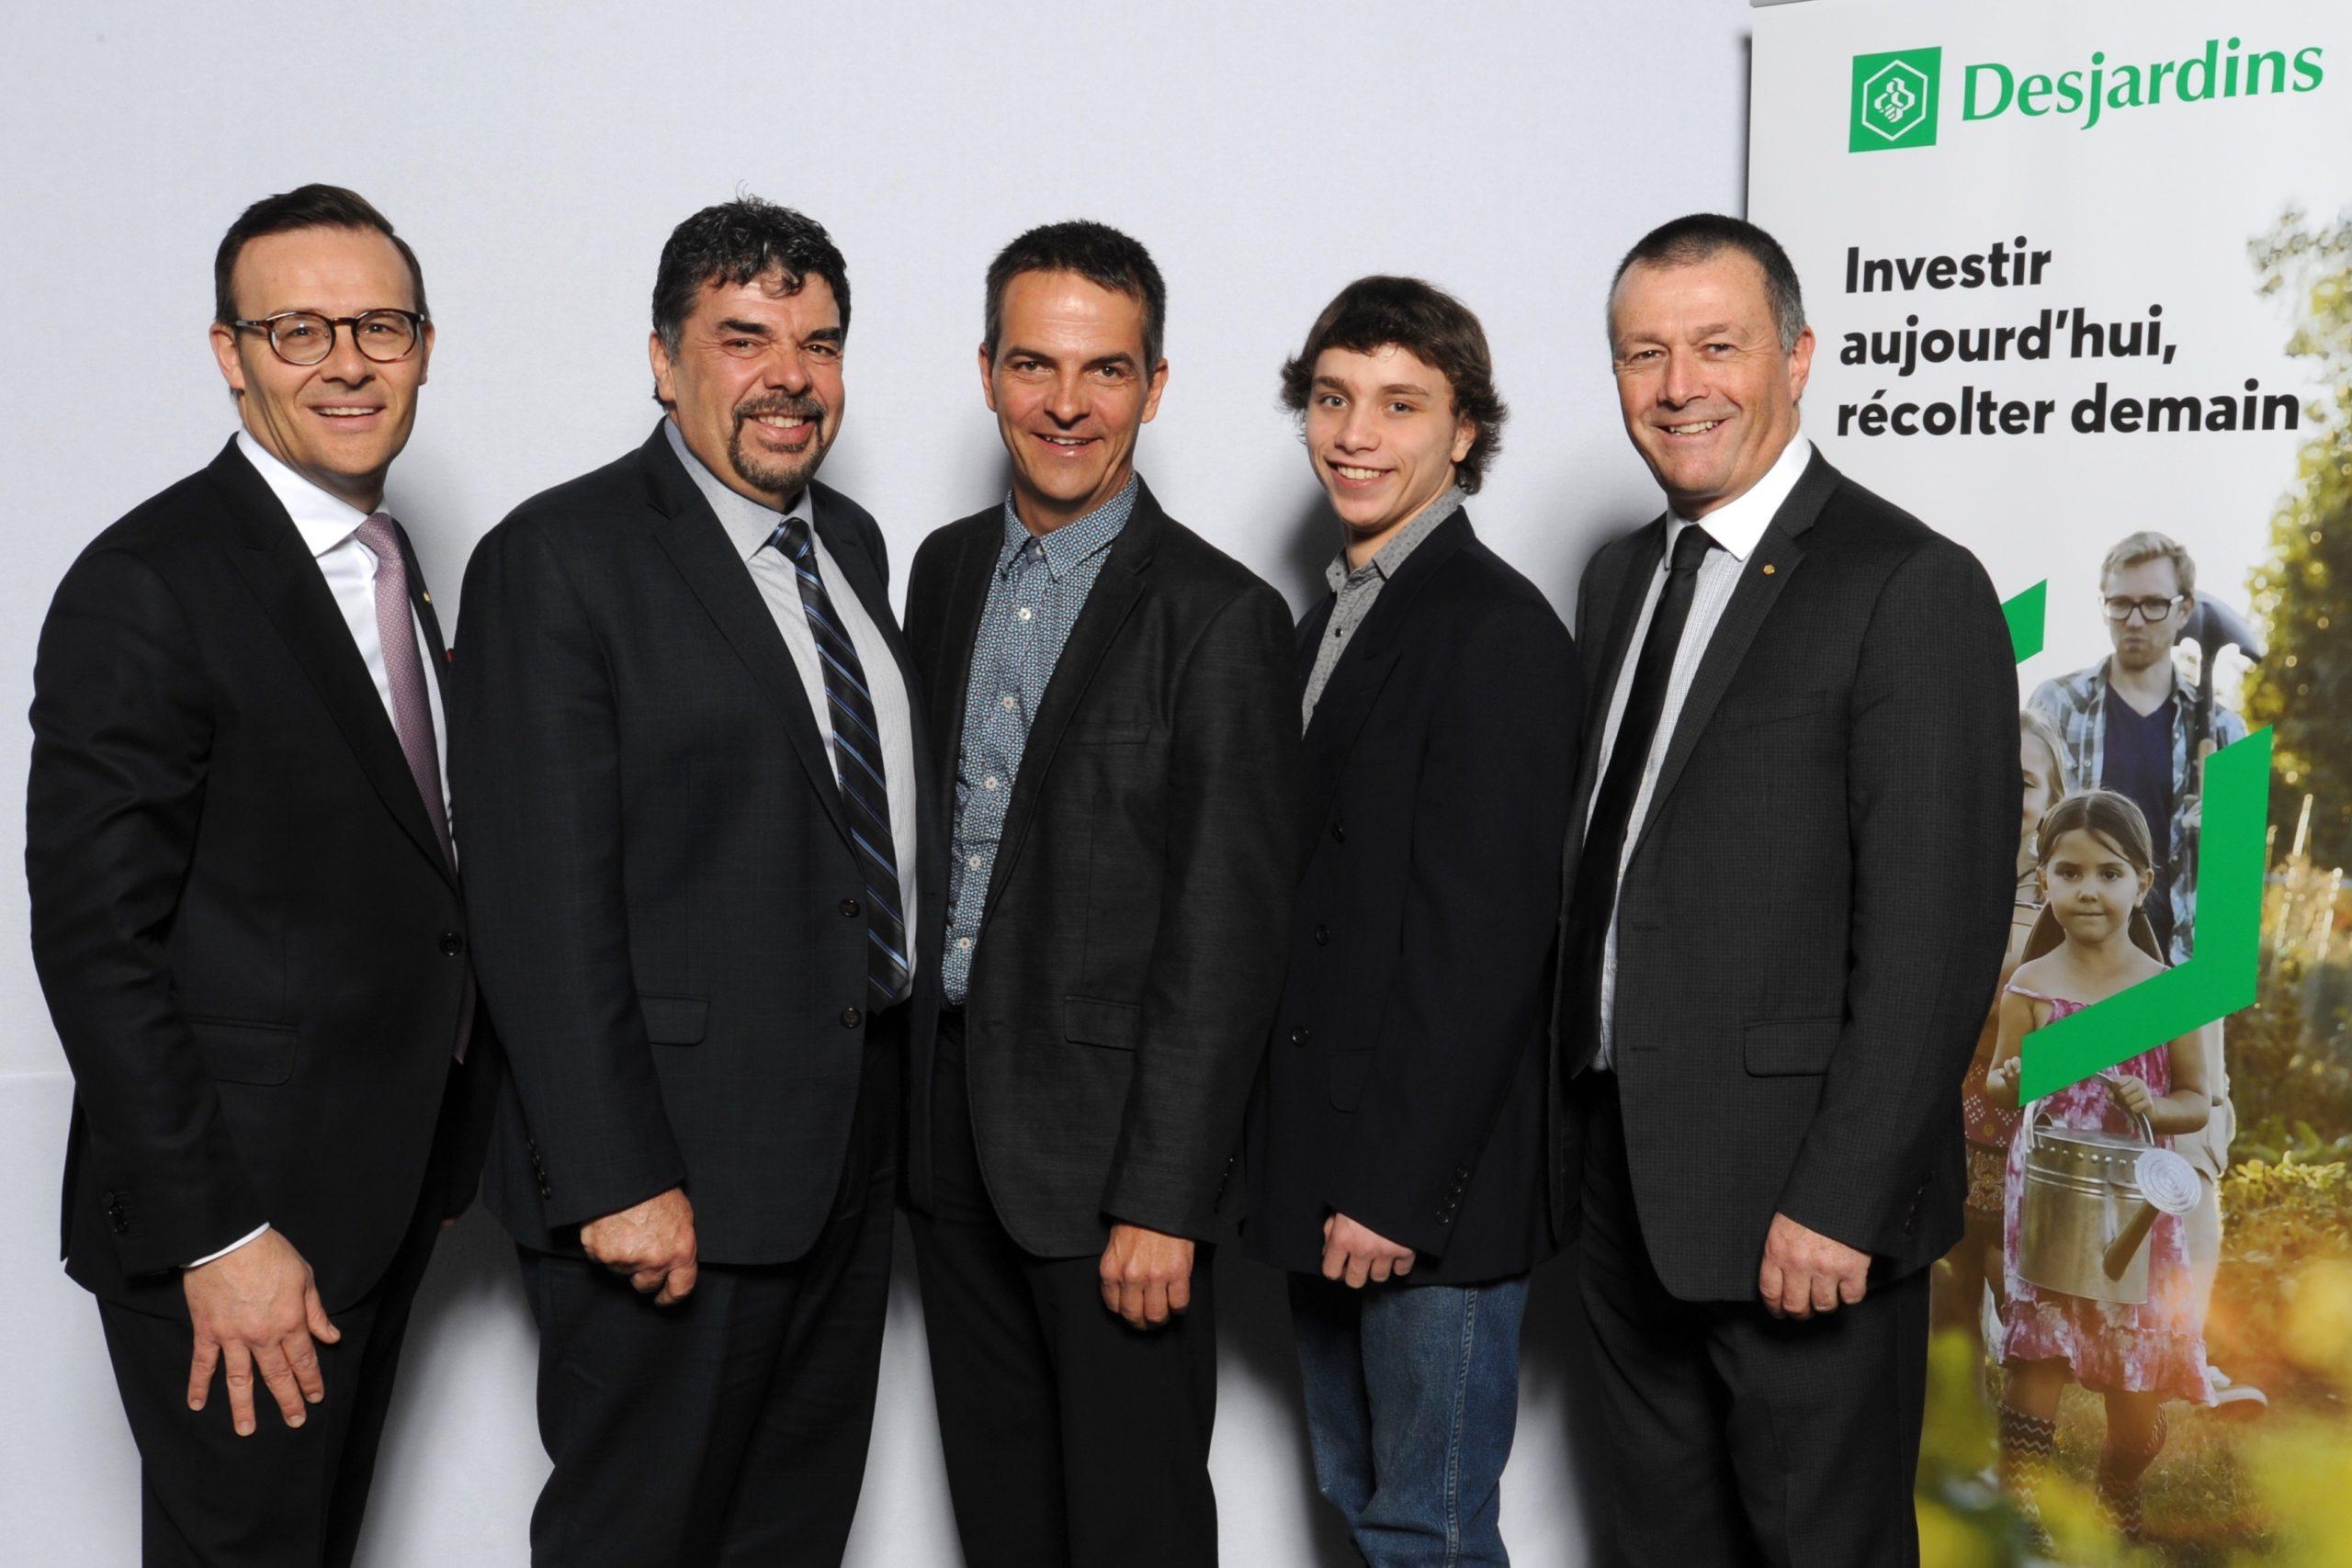 Le CFER de Beauce reçoit un investissement de 207 750$ de Desjardins.